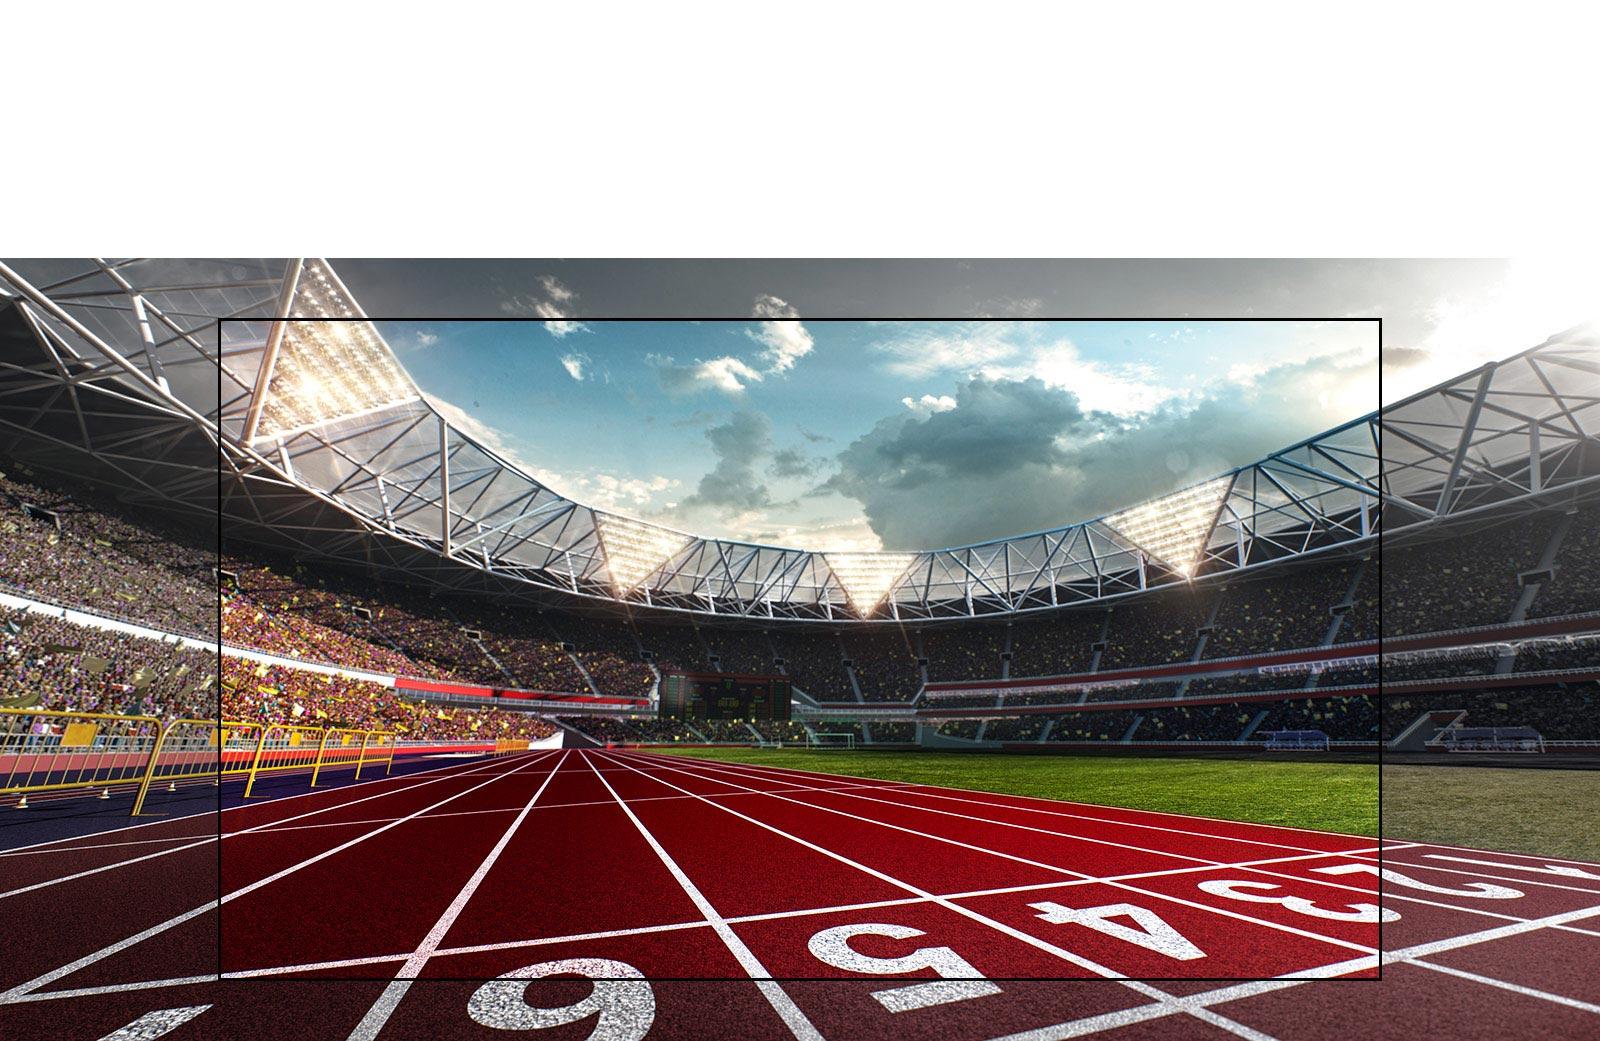 Écran de télévision montrant un stade avec vue de près sur la piste de course. Le stade est rempli de spectateurs.